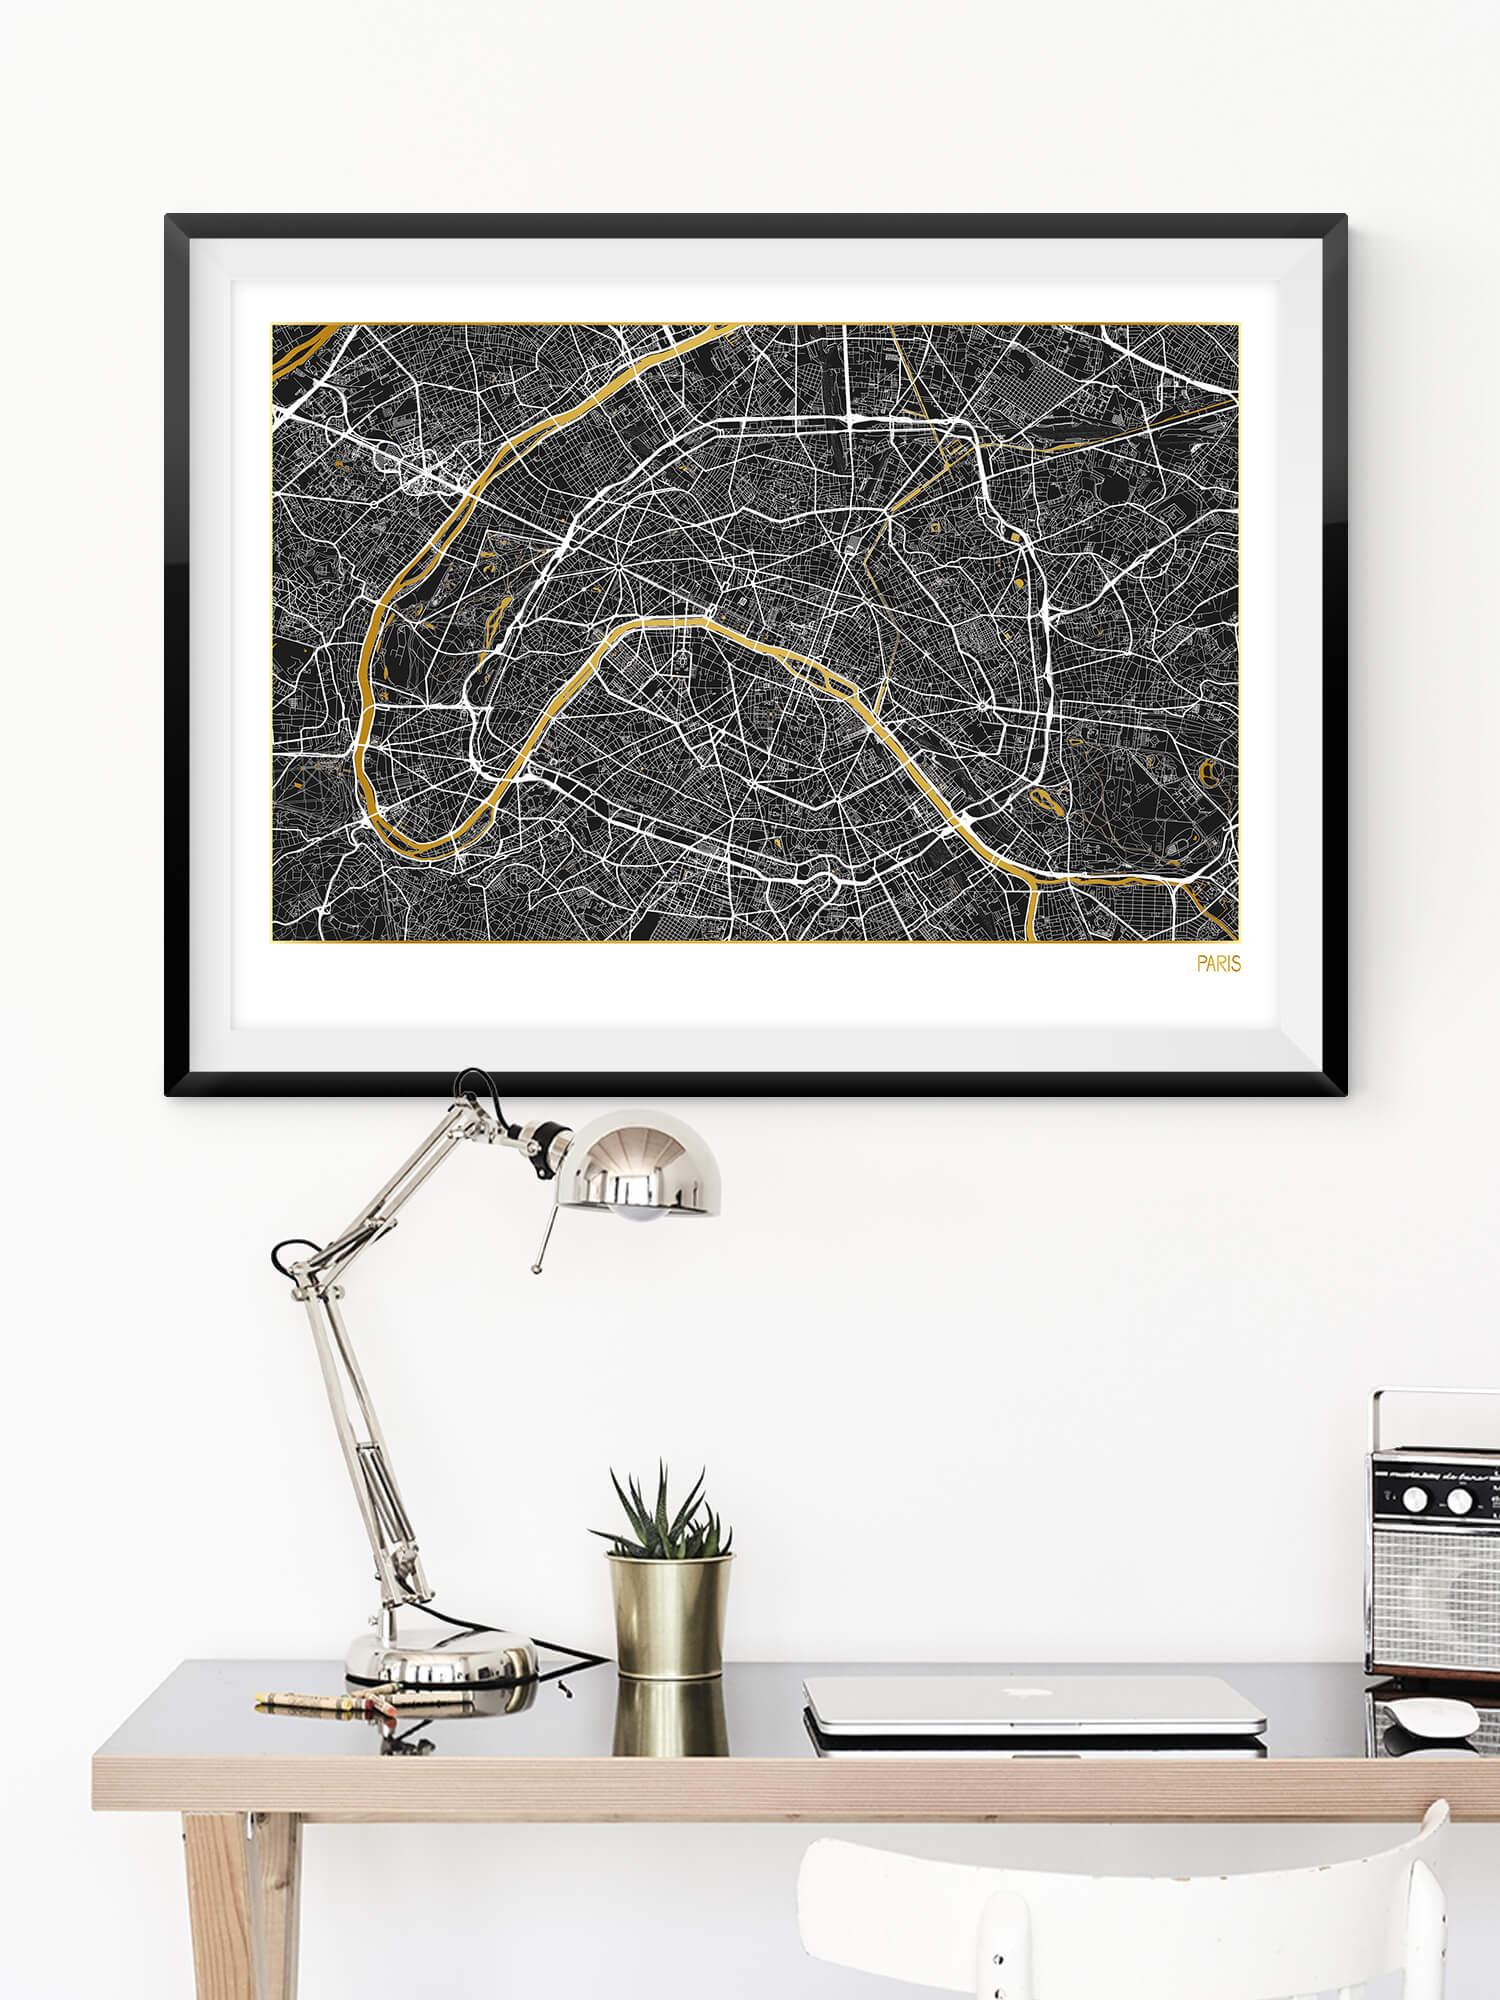 Gold Foil Paris Map | Real Gold Foil Art Print